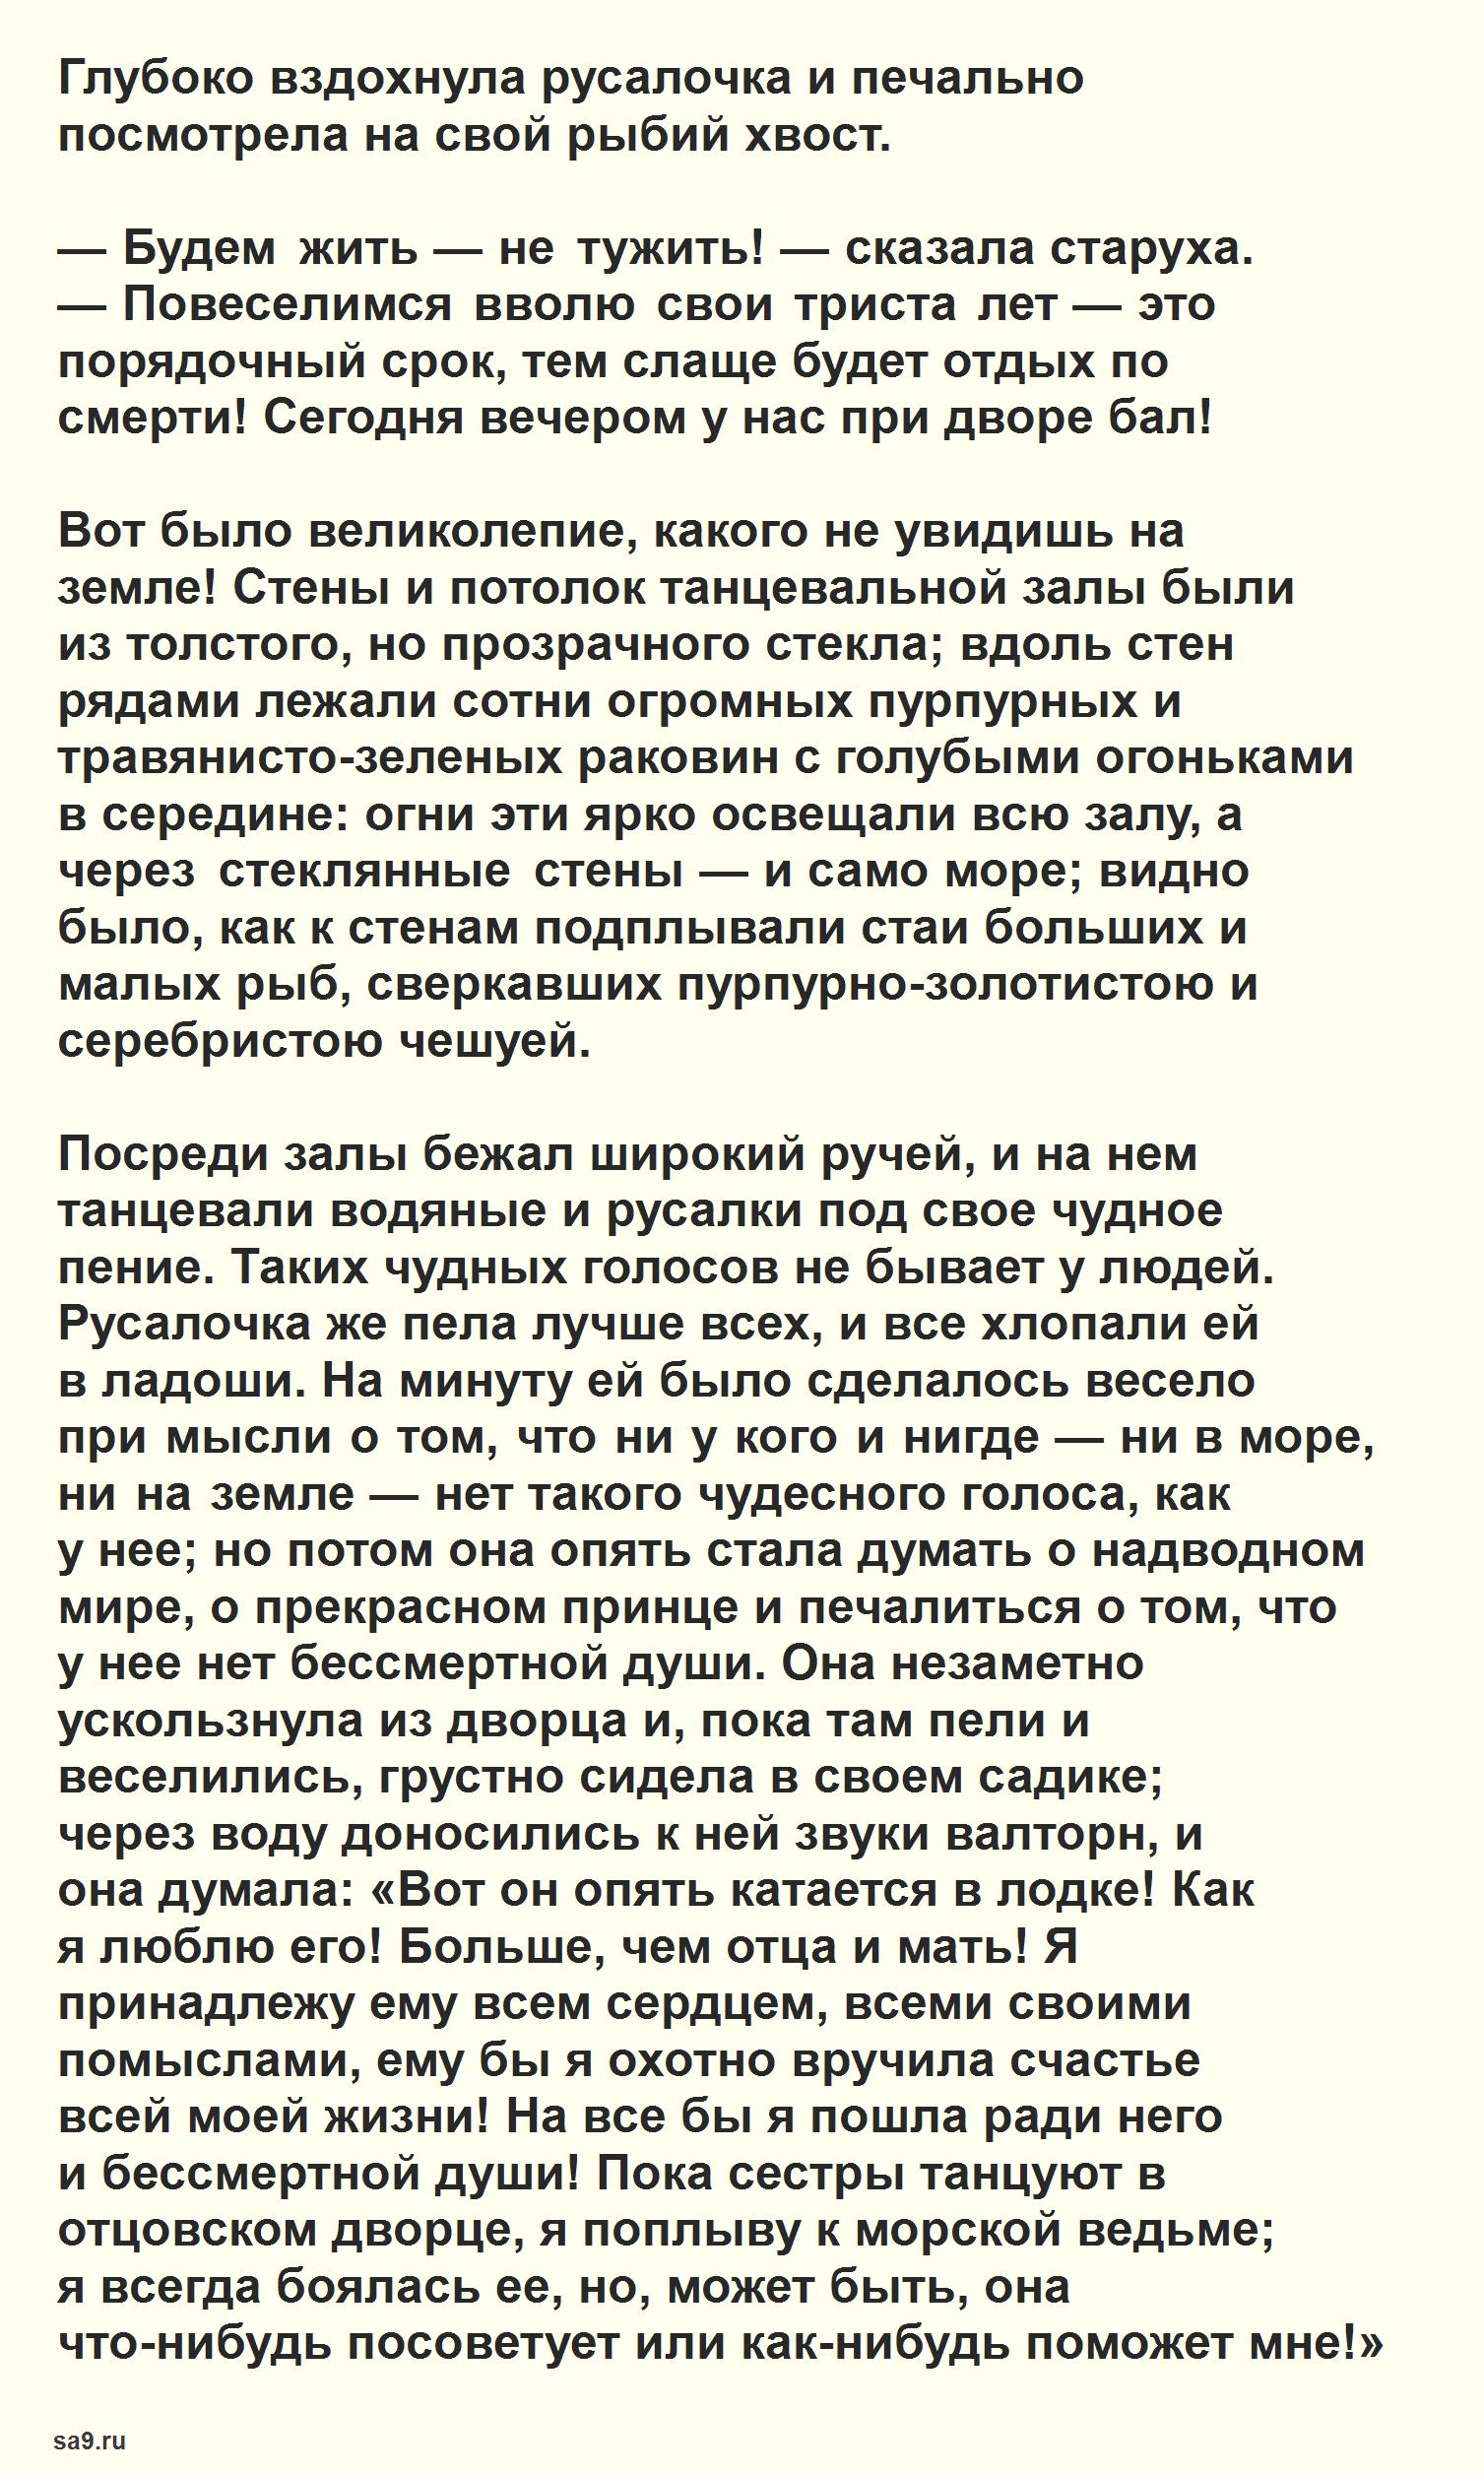 Читать сказку - Русалочка, Андерсен